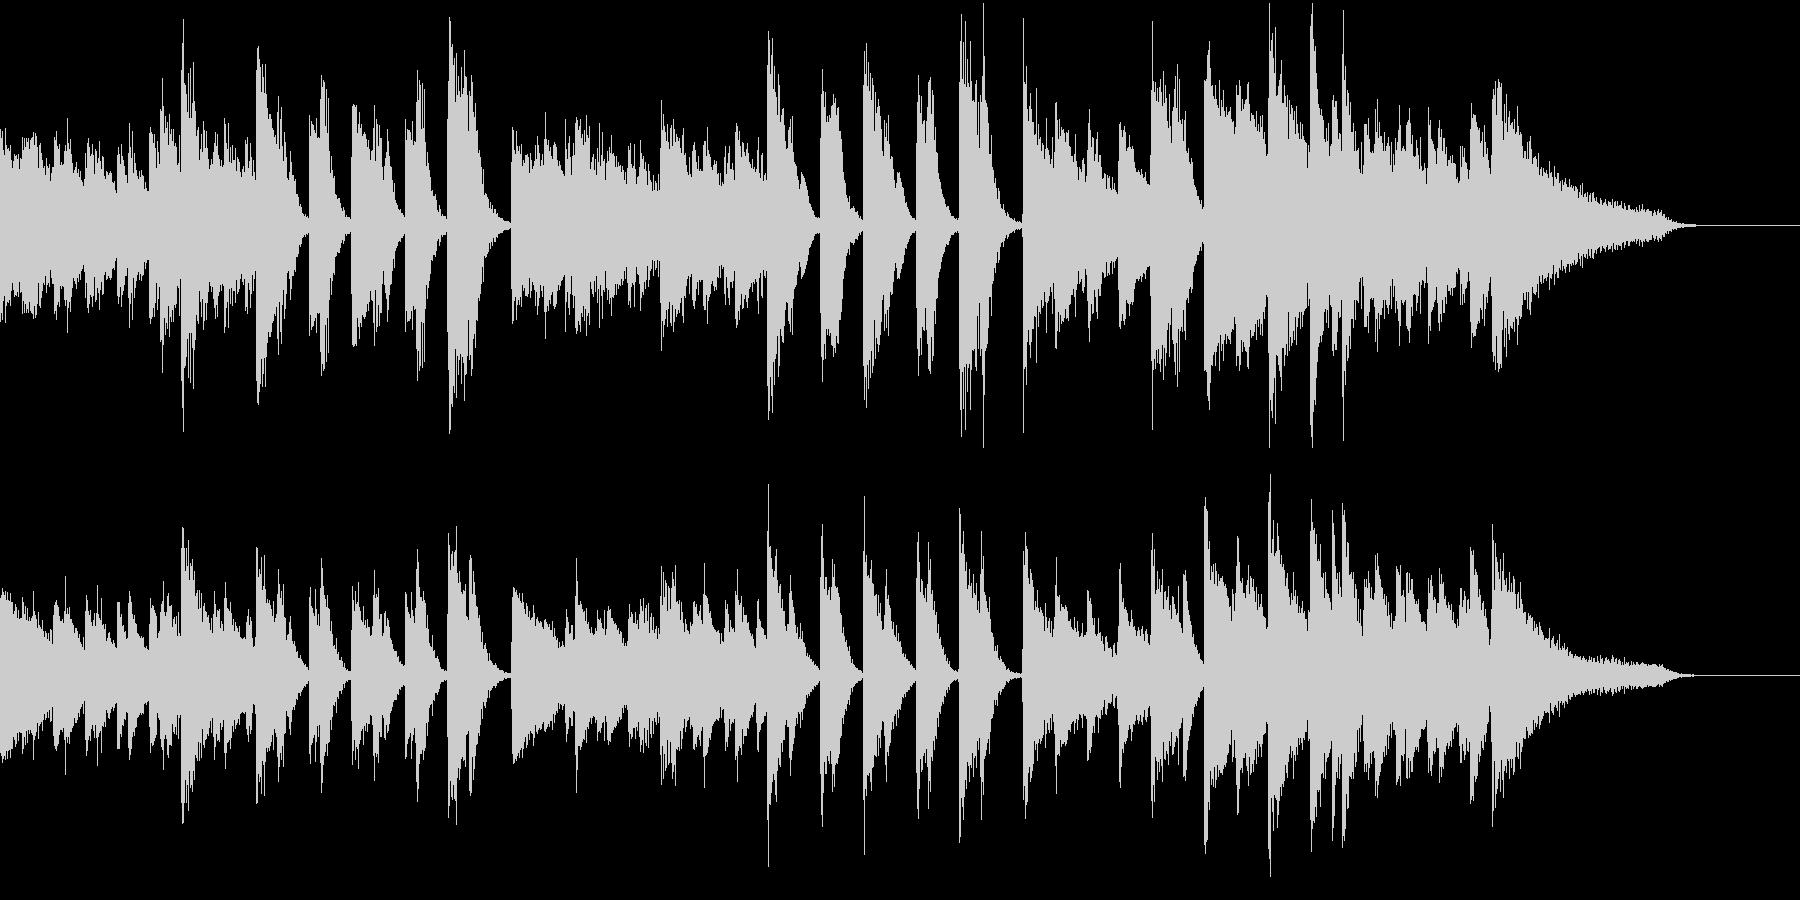 沖縄音階マイナー&クールなピアノジングルの未再生の波形